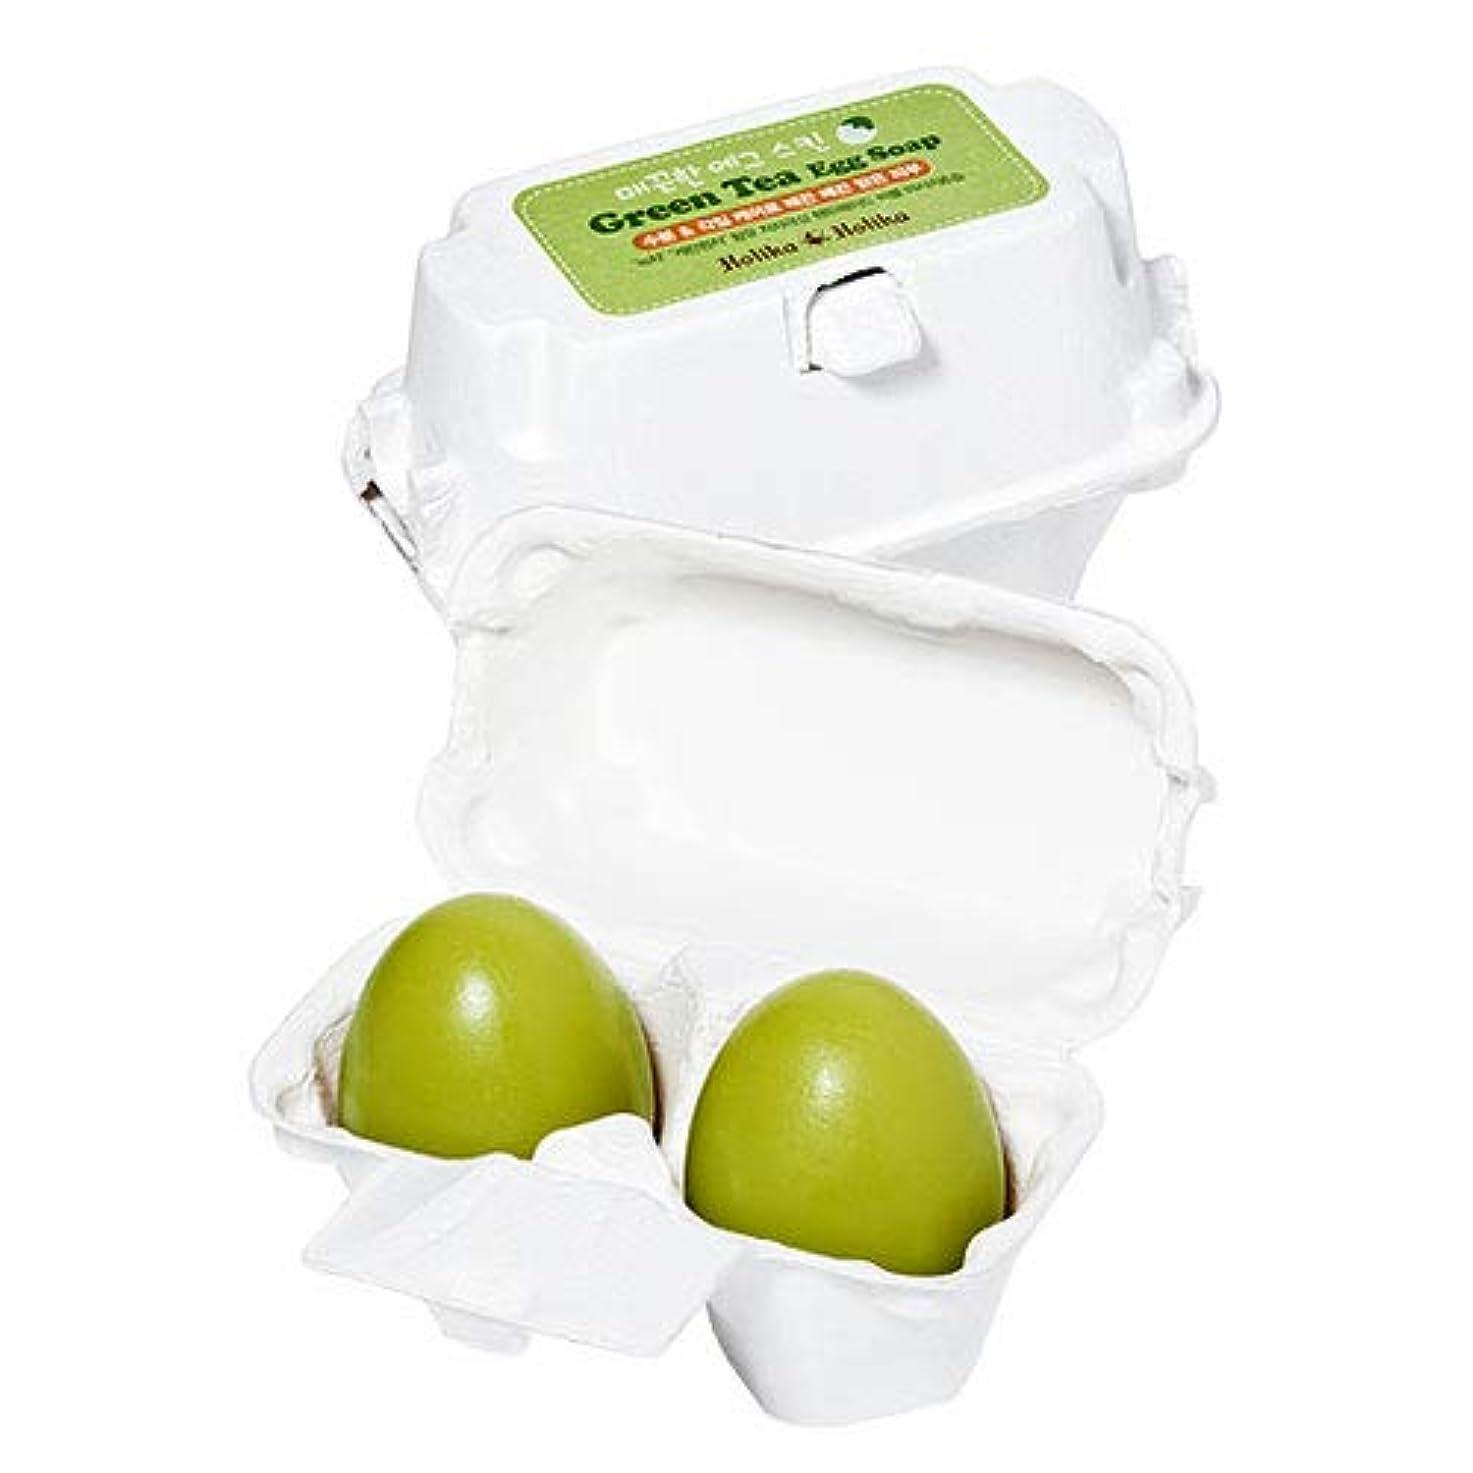 レディ関係の量[緑茶/Green Tea] Holika Holika Egg Skin Egg Soap ホリカホリカ エッグスキン エッグソープ (50g*2個) [並行輸入品]